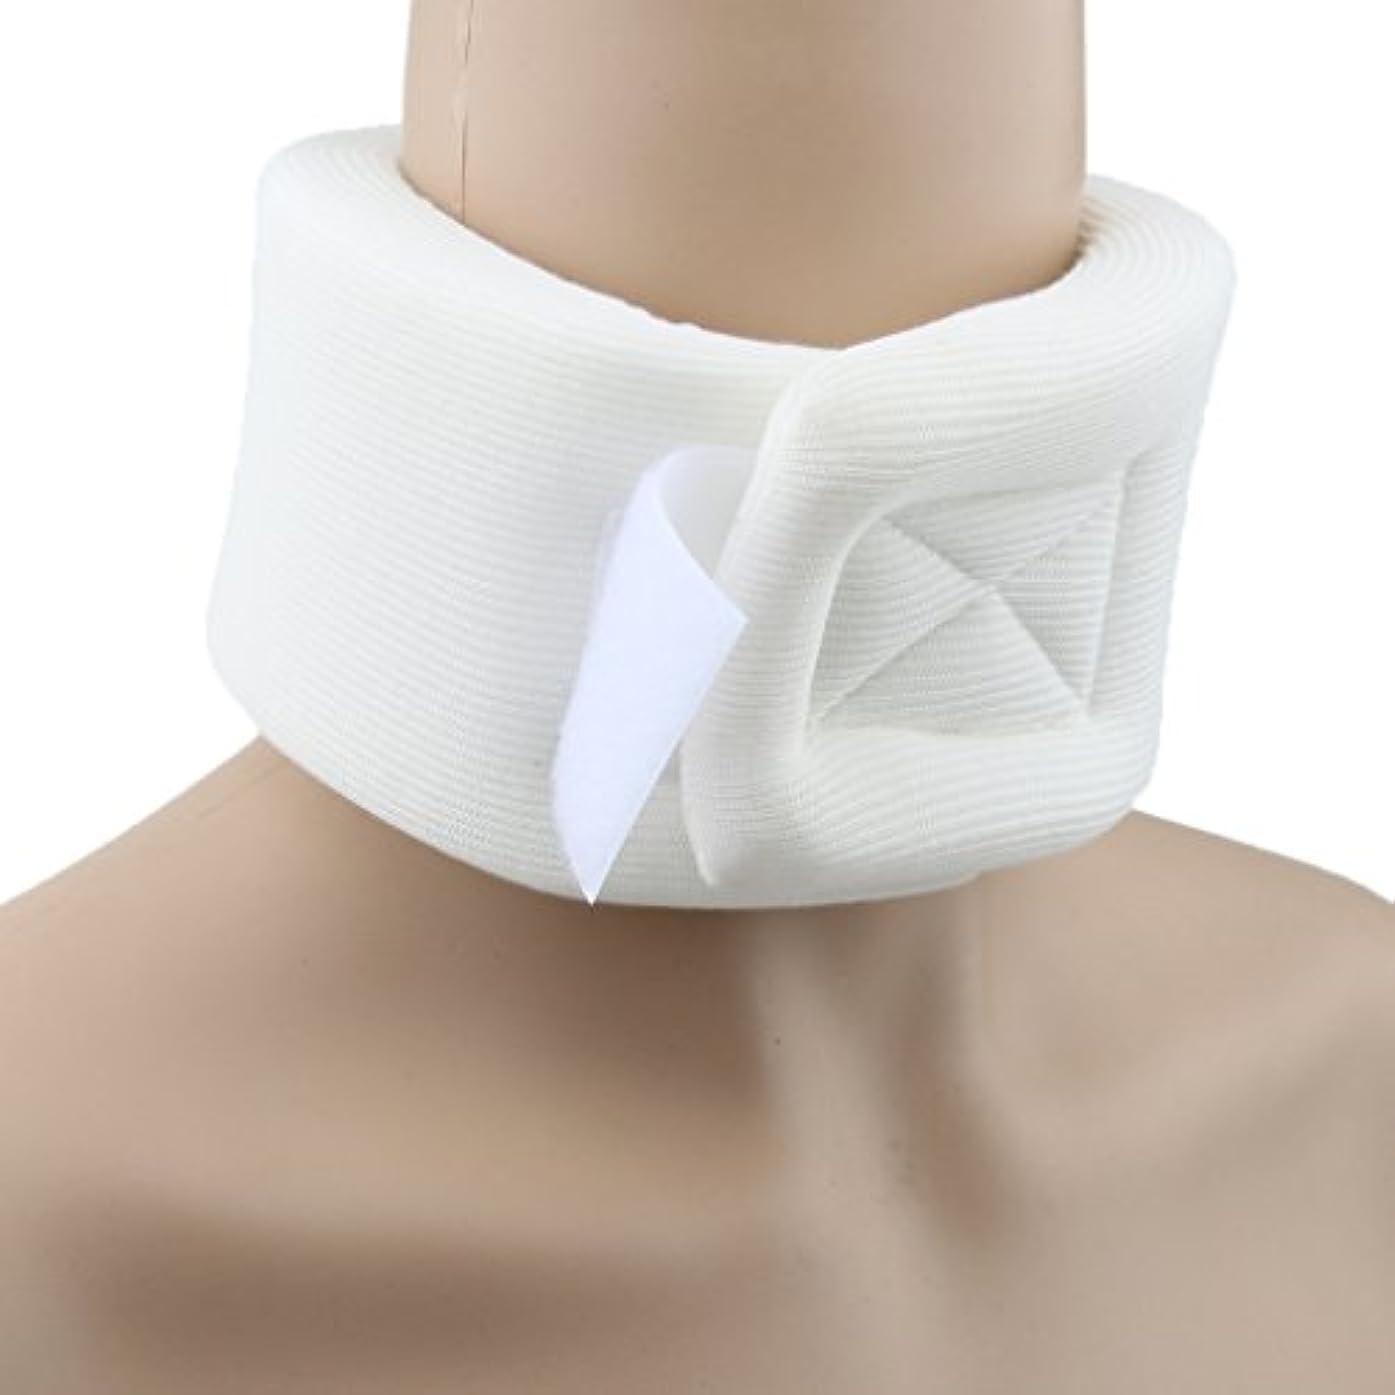 神社曲線砂漠首サポーター 頸椎 ソフト頸椎カラー 首コルセット ベージュ スポンジ 男女兼用